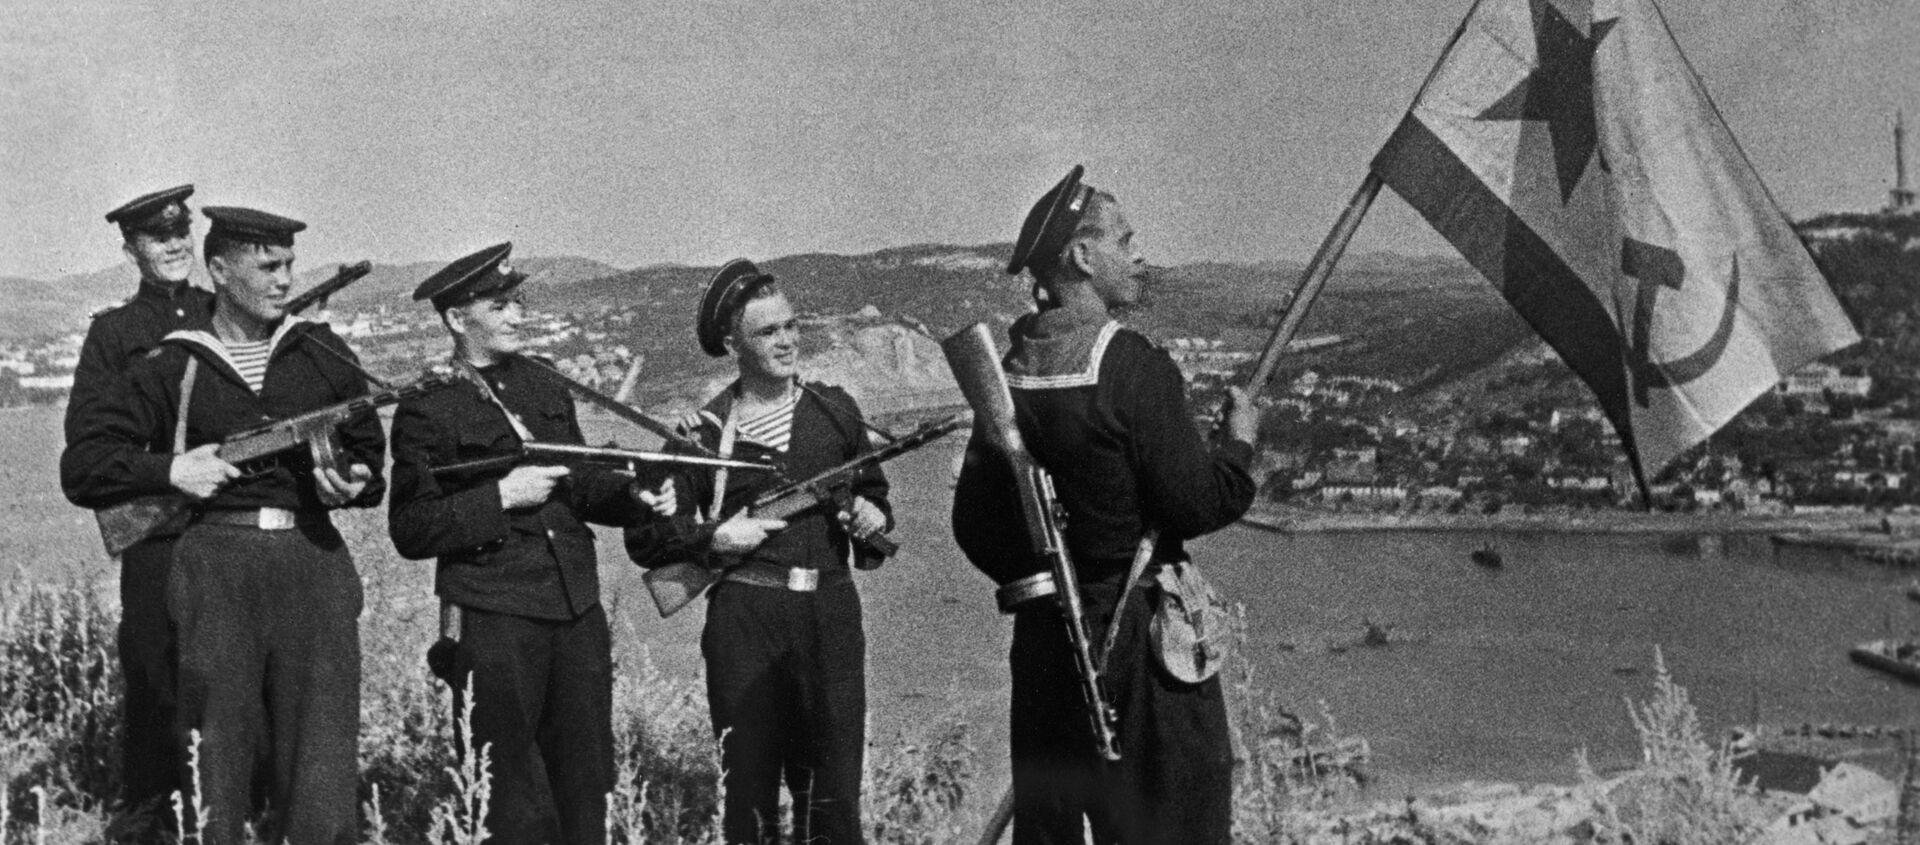 Los marines soviéticos en Port Arthur, China (archivo) - Sputnik Mundo, 1920, 08.08.2020